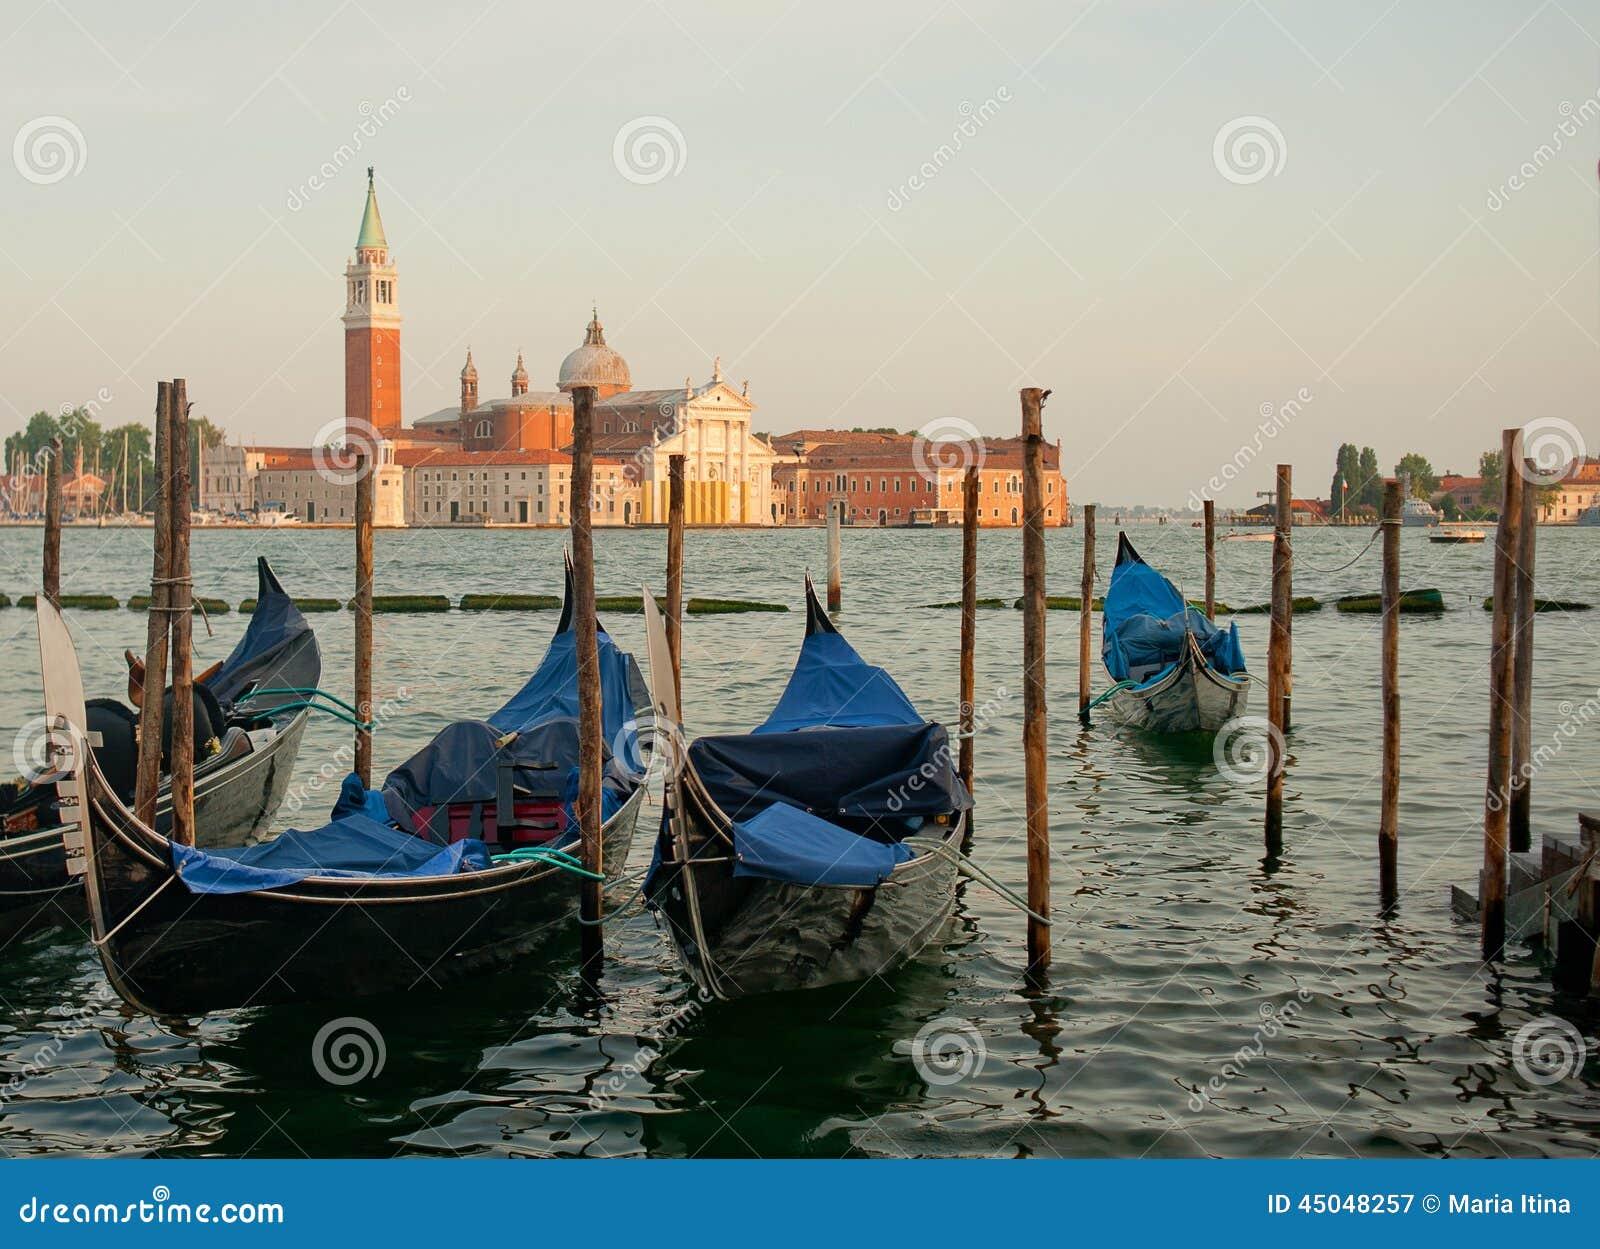 Venetië met gondels op Groot kanaal